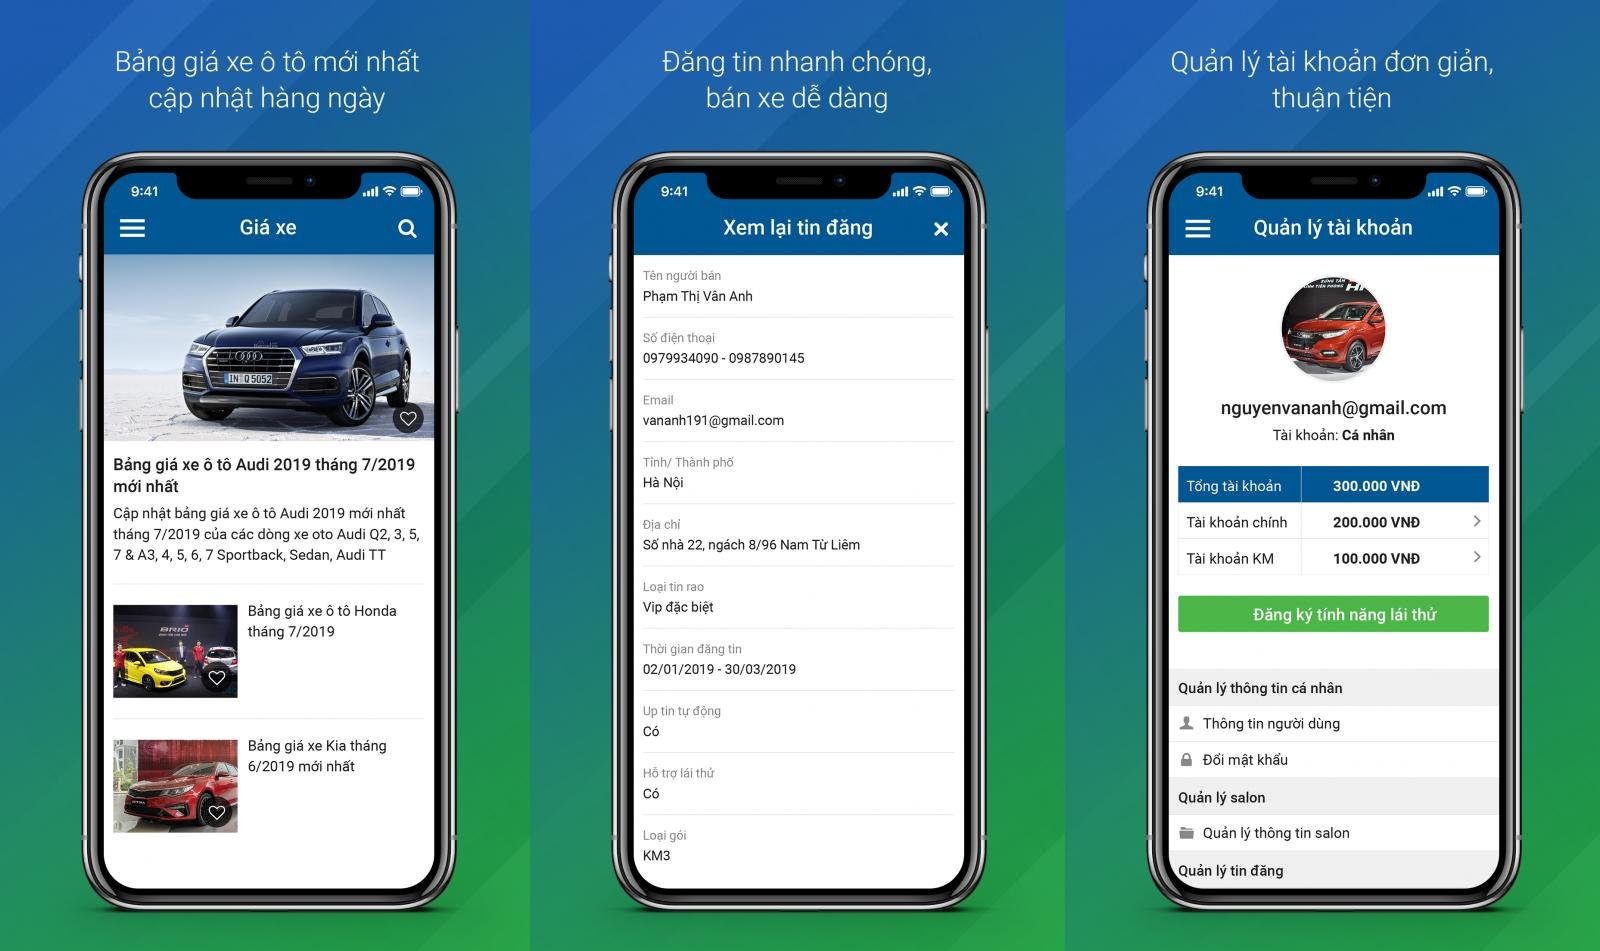 App Oto.com.vn nâng cấp mới với nhiều tính năng và tiện ích tối ưu hơn...